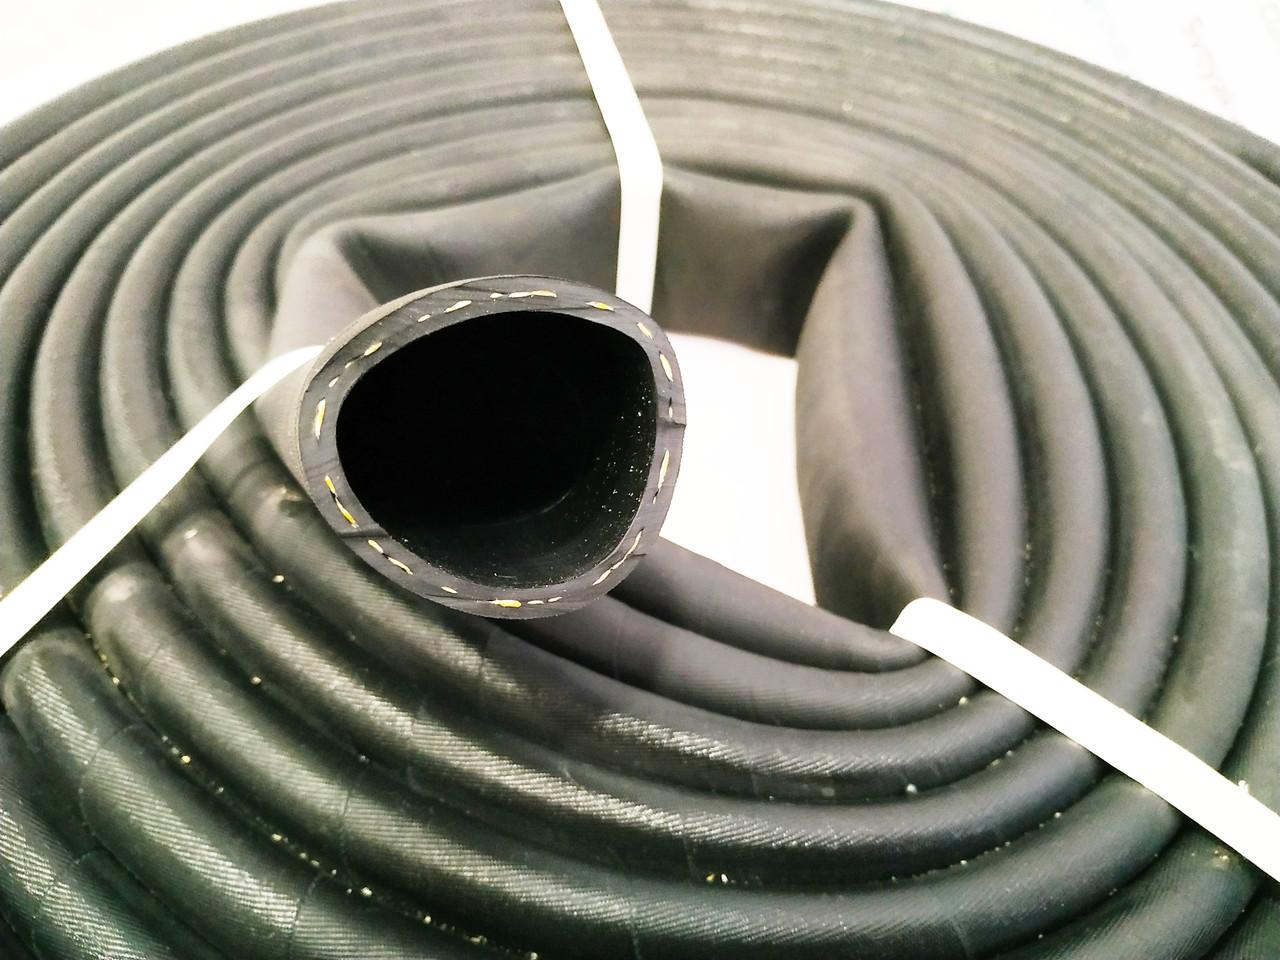 Бинтованный рукав дорновый Ø 50мм 6.3 атм ( ВГ(ІІІ) техническая вода) 10м. Билпромрукав